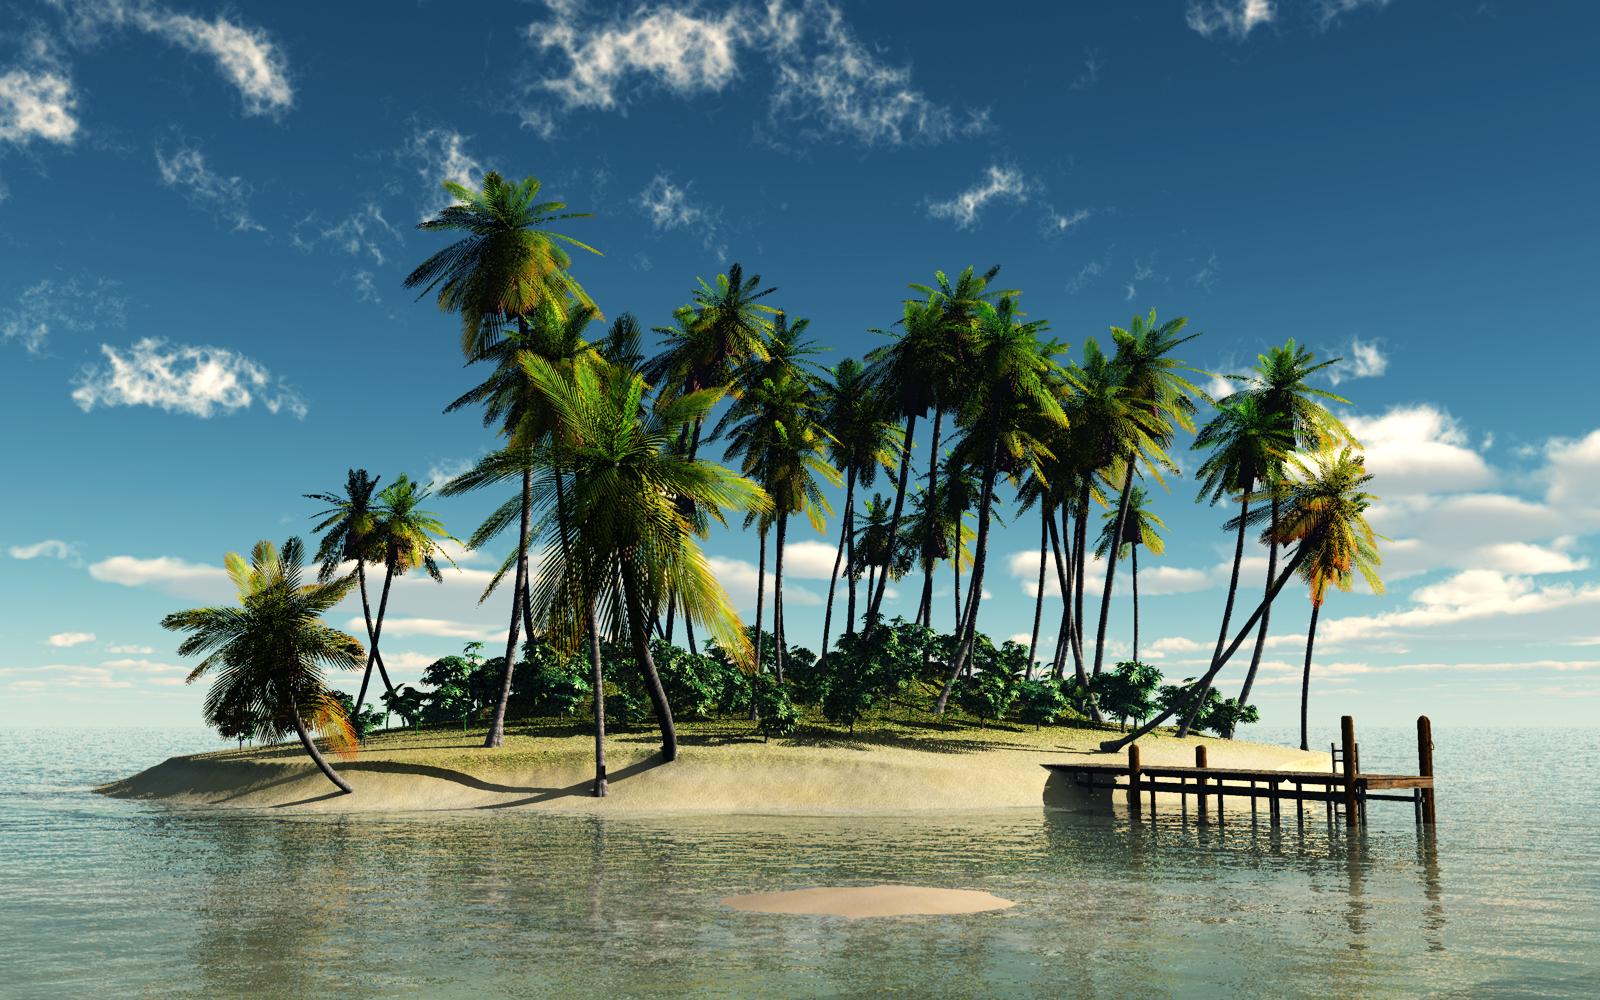 Притча. Необитаемый остров.